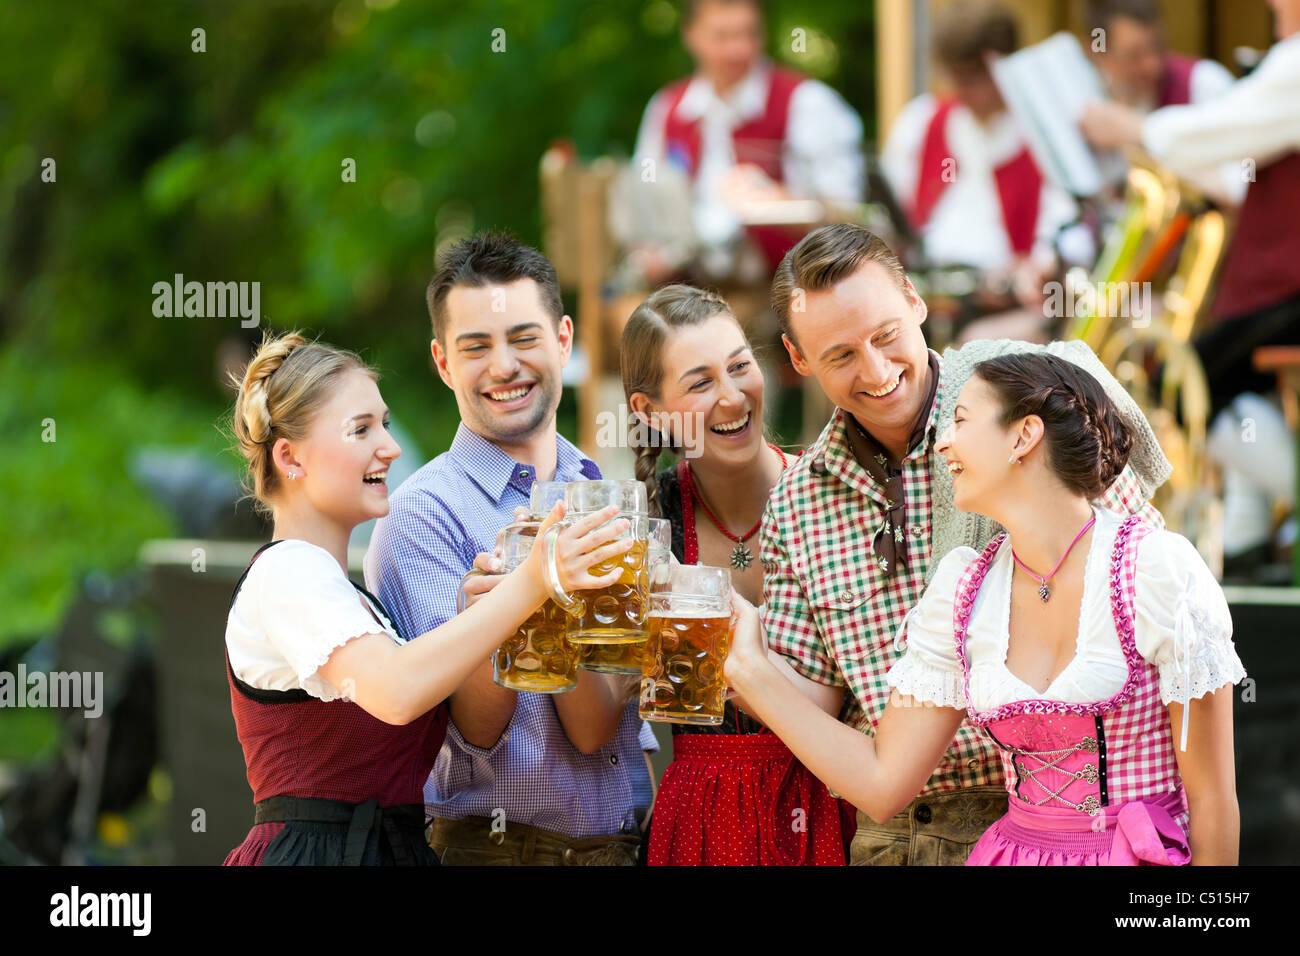 En el jardín de la cerveza en Baviera, Alemania - Amigos En Tracht, Dirndl y Lederhosen y Dirndl de pie delante de la banda Foto de stock